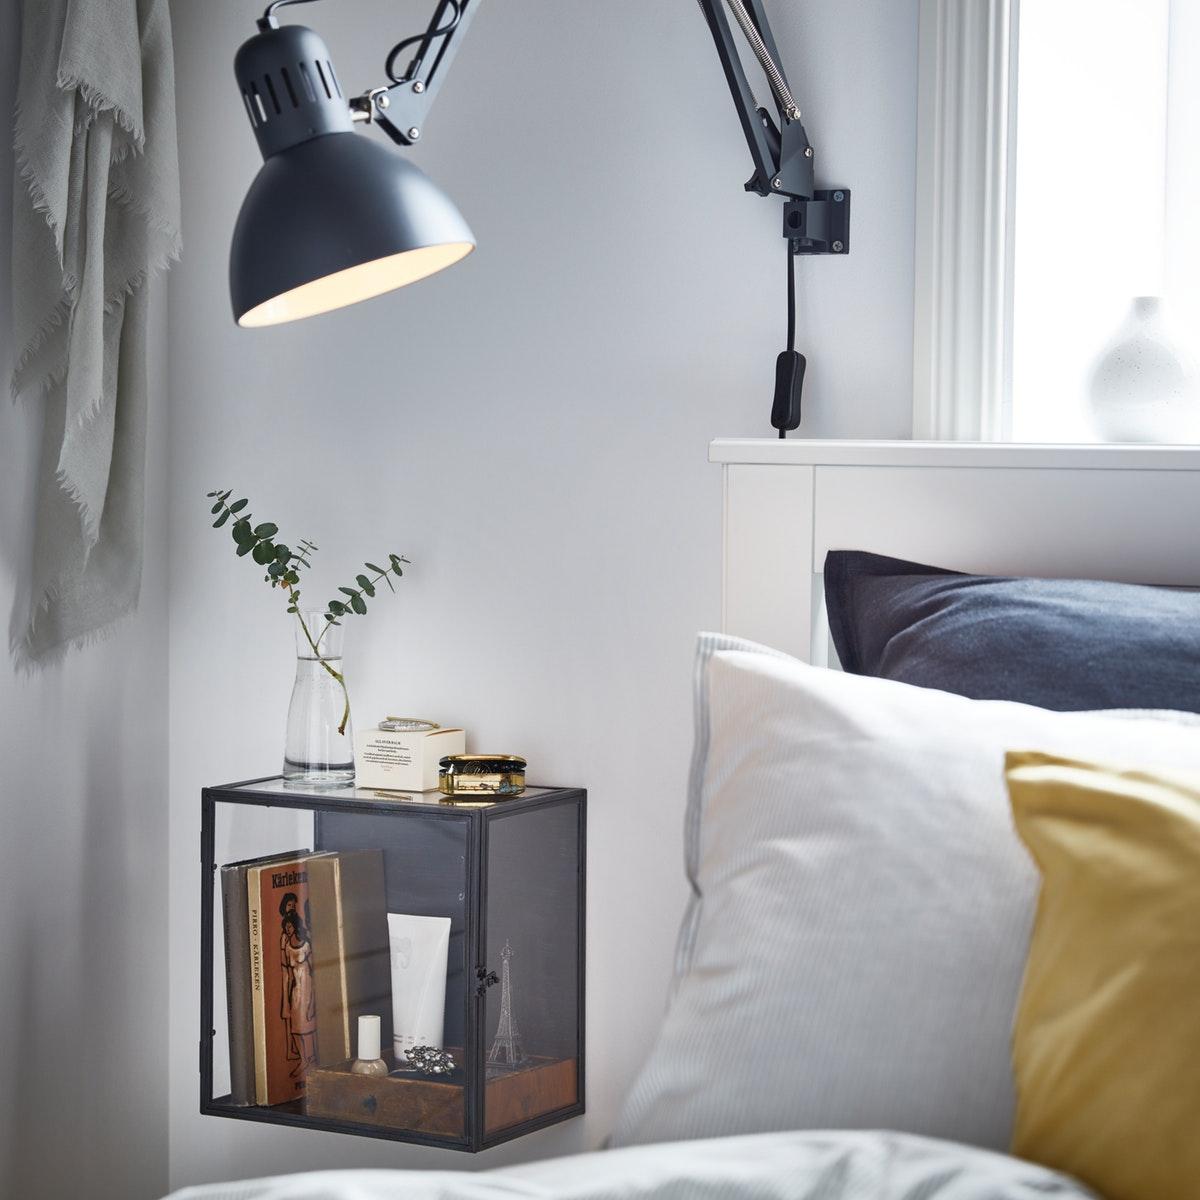 kotak display sebagai dekorasi dinding kamar multifungsi